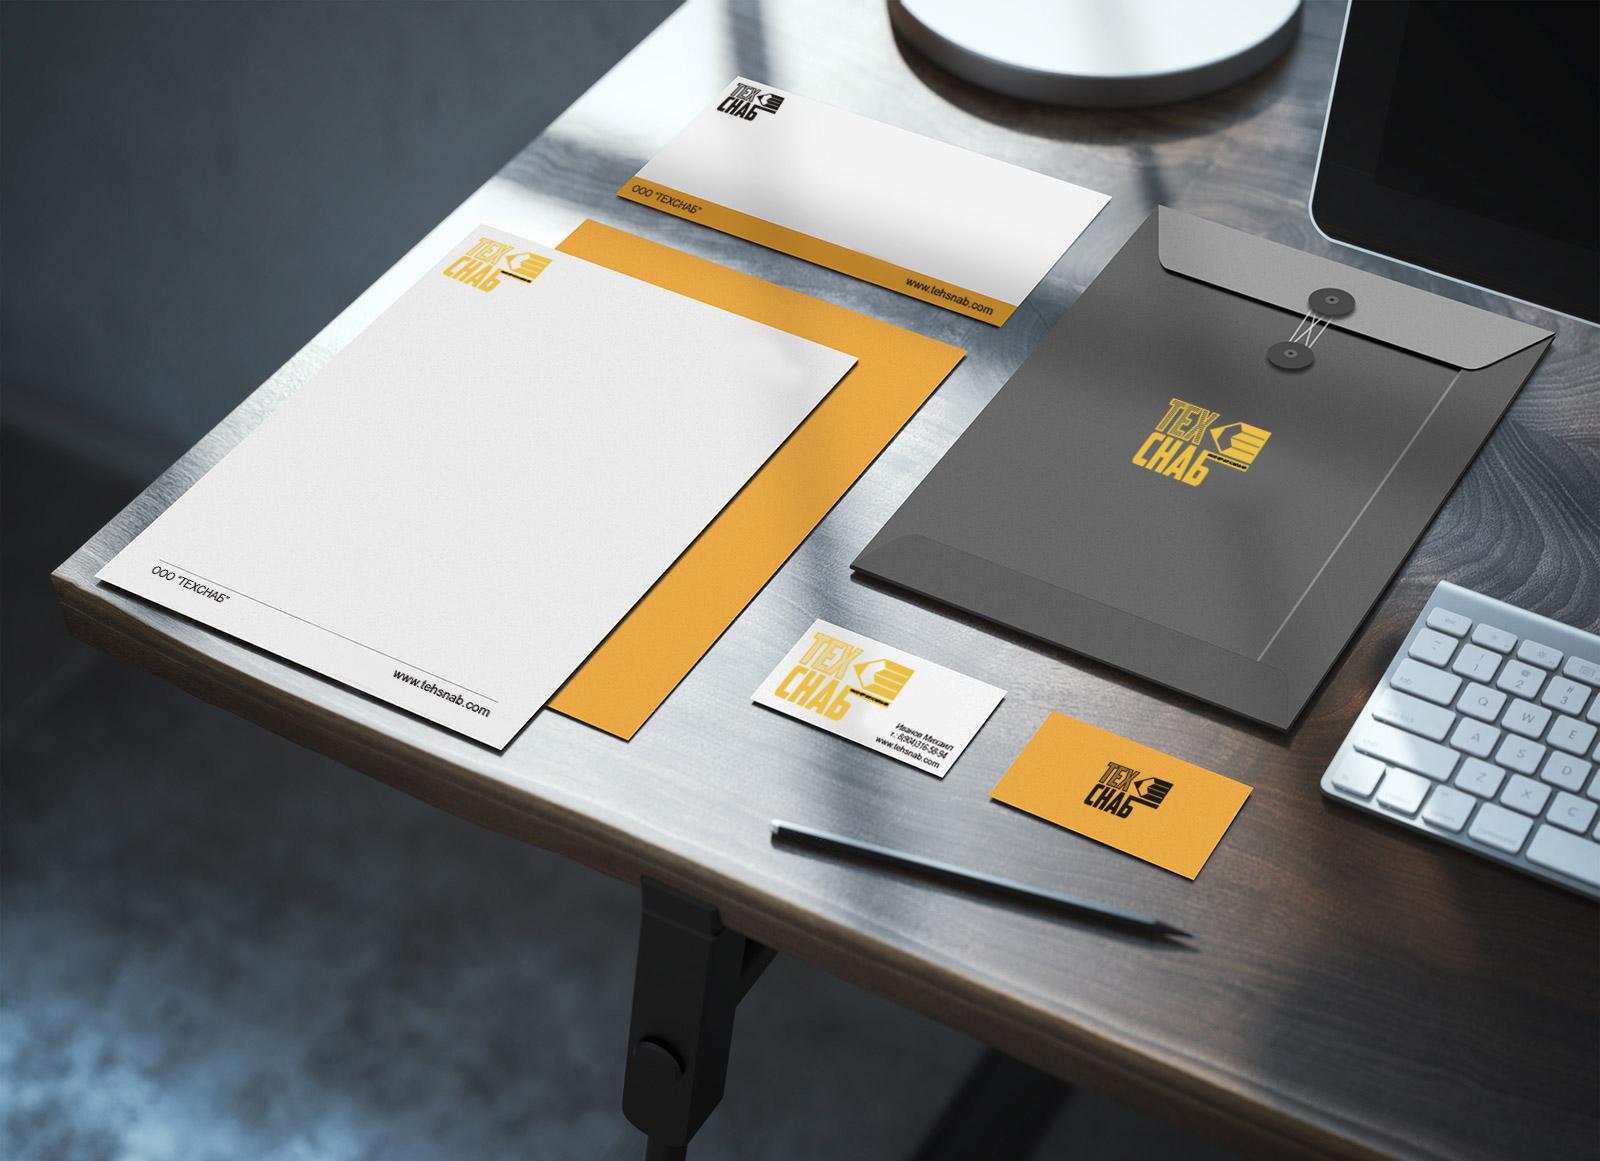 Разработка логотипа и фирм. стиля компании  ТЕХСНАБ фото f_5915b1bcba1a27a9.jpg